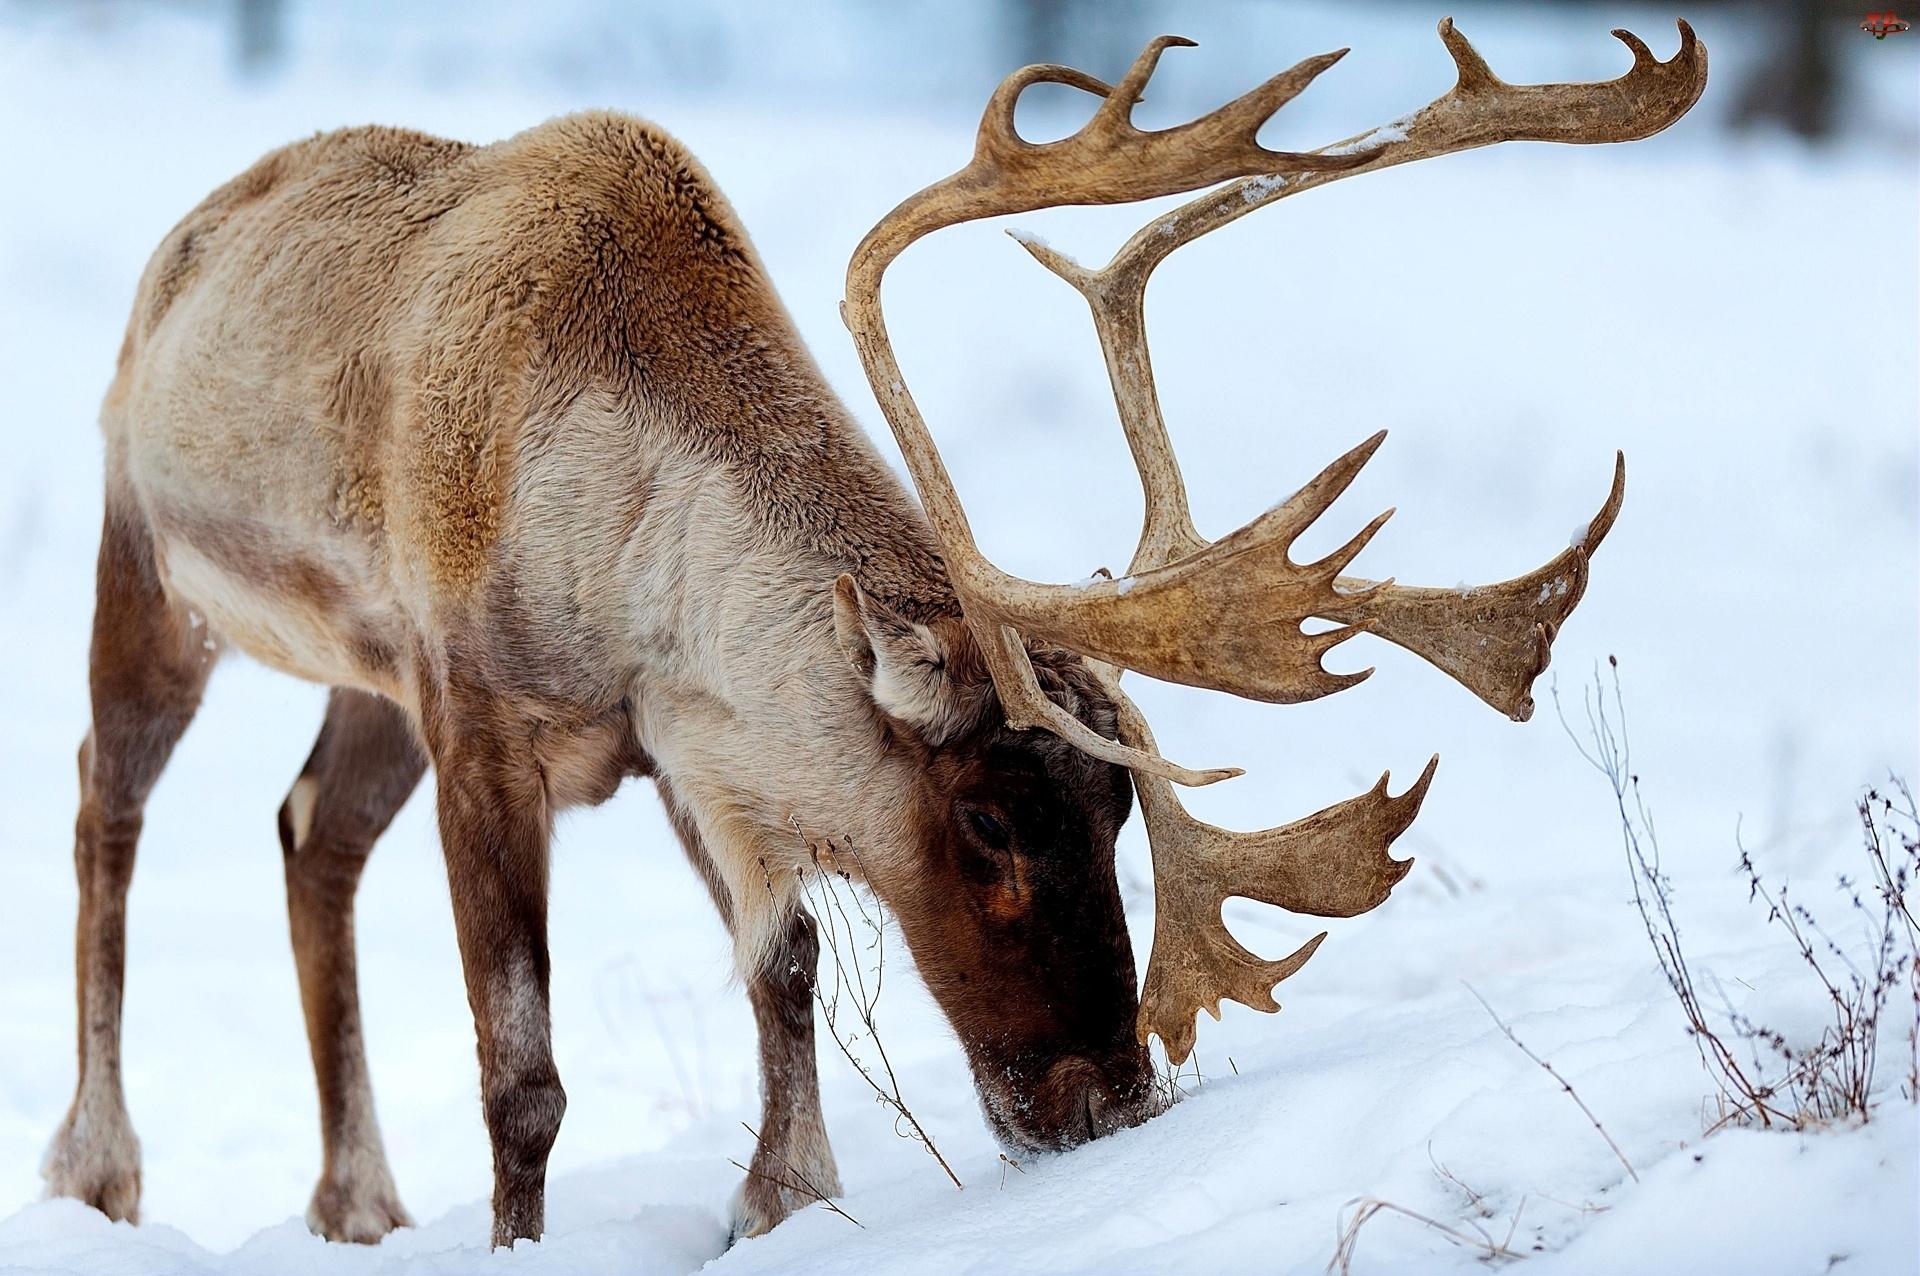 Śnieg, Jeleń, Poroże